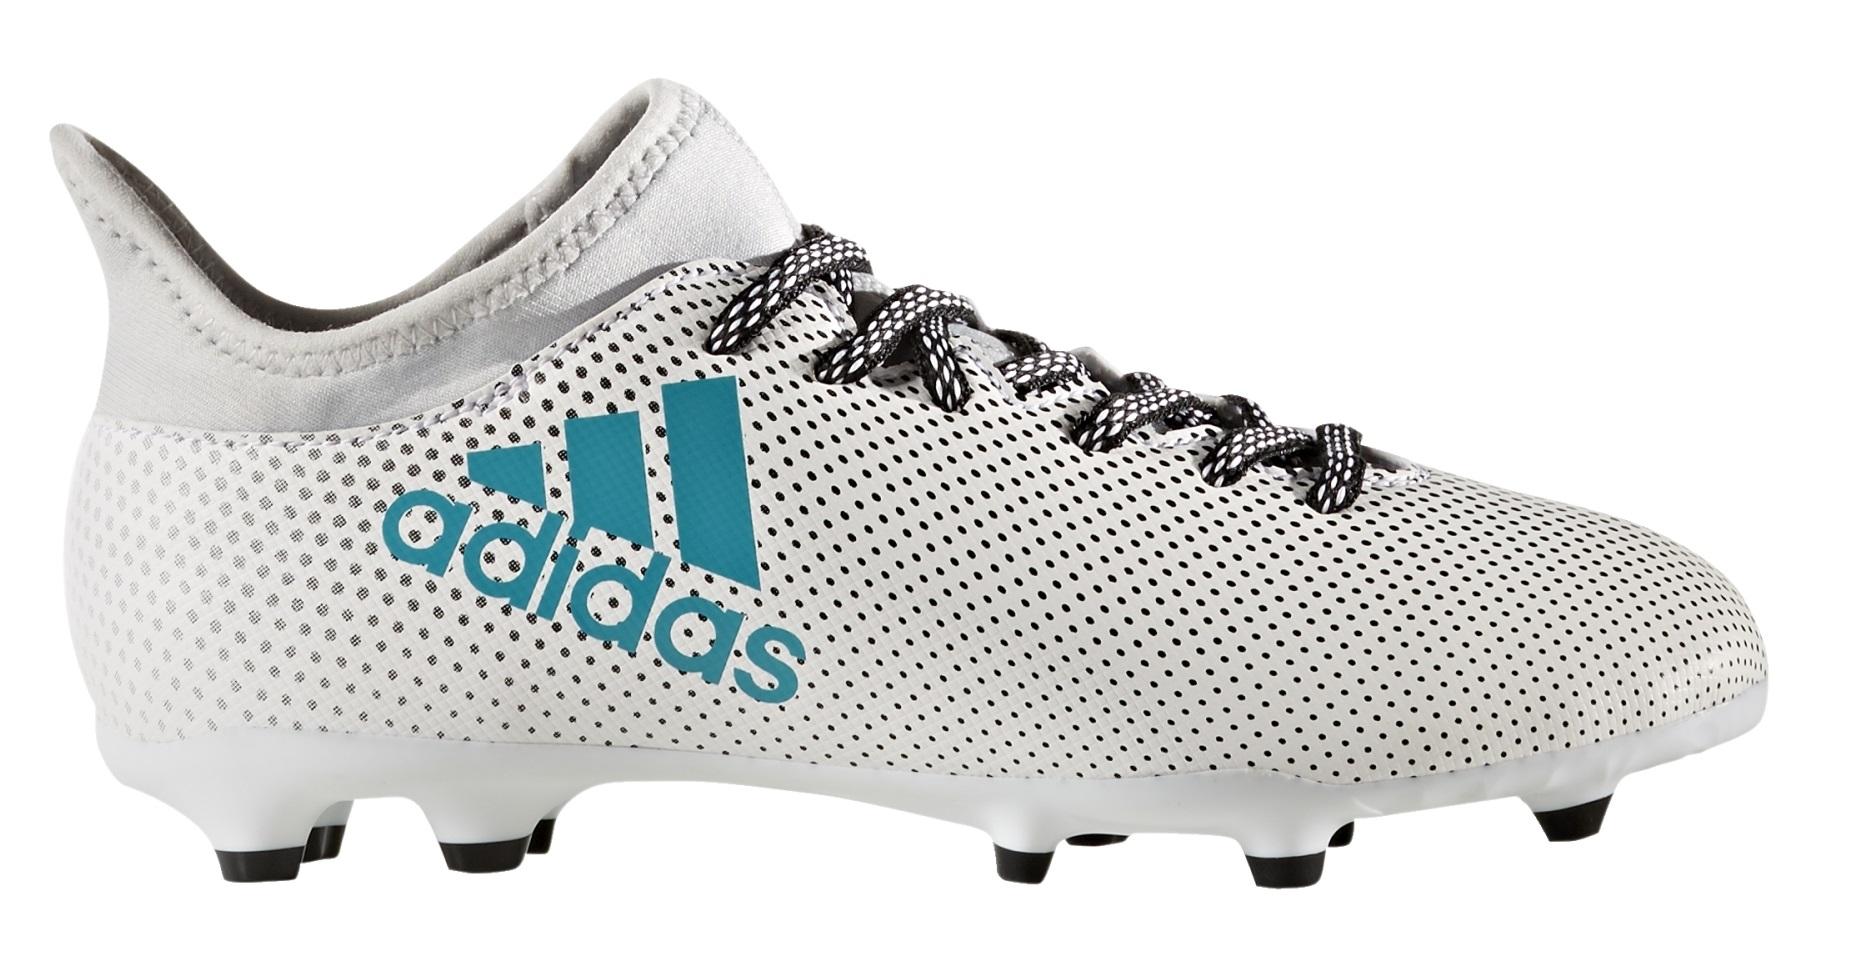 Buty adidas X 17.3 FG J S82367 36 6969237851 oficjalne